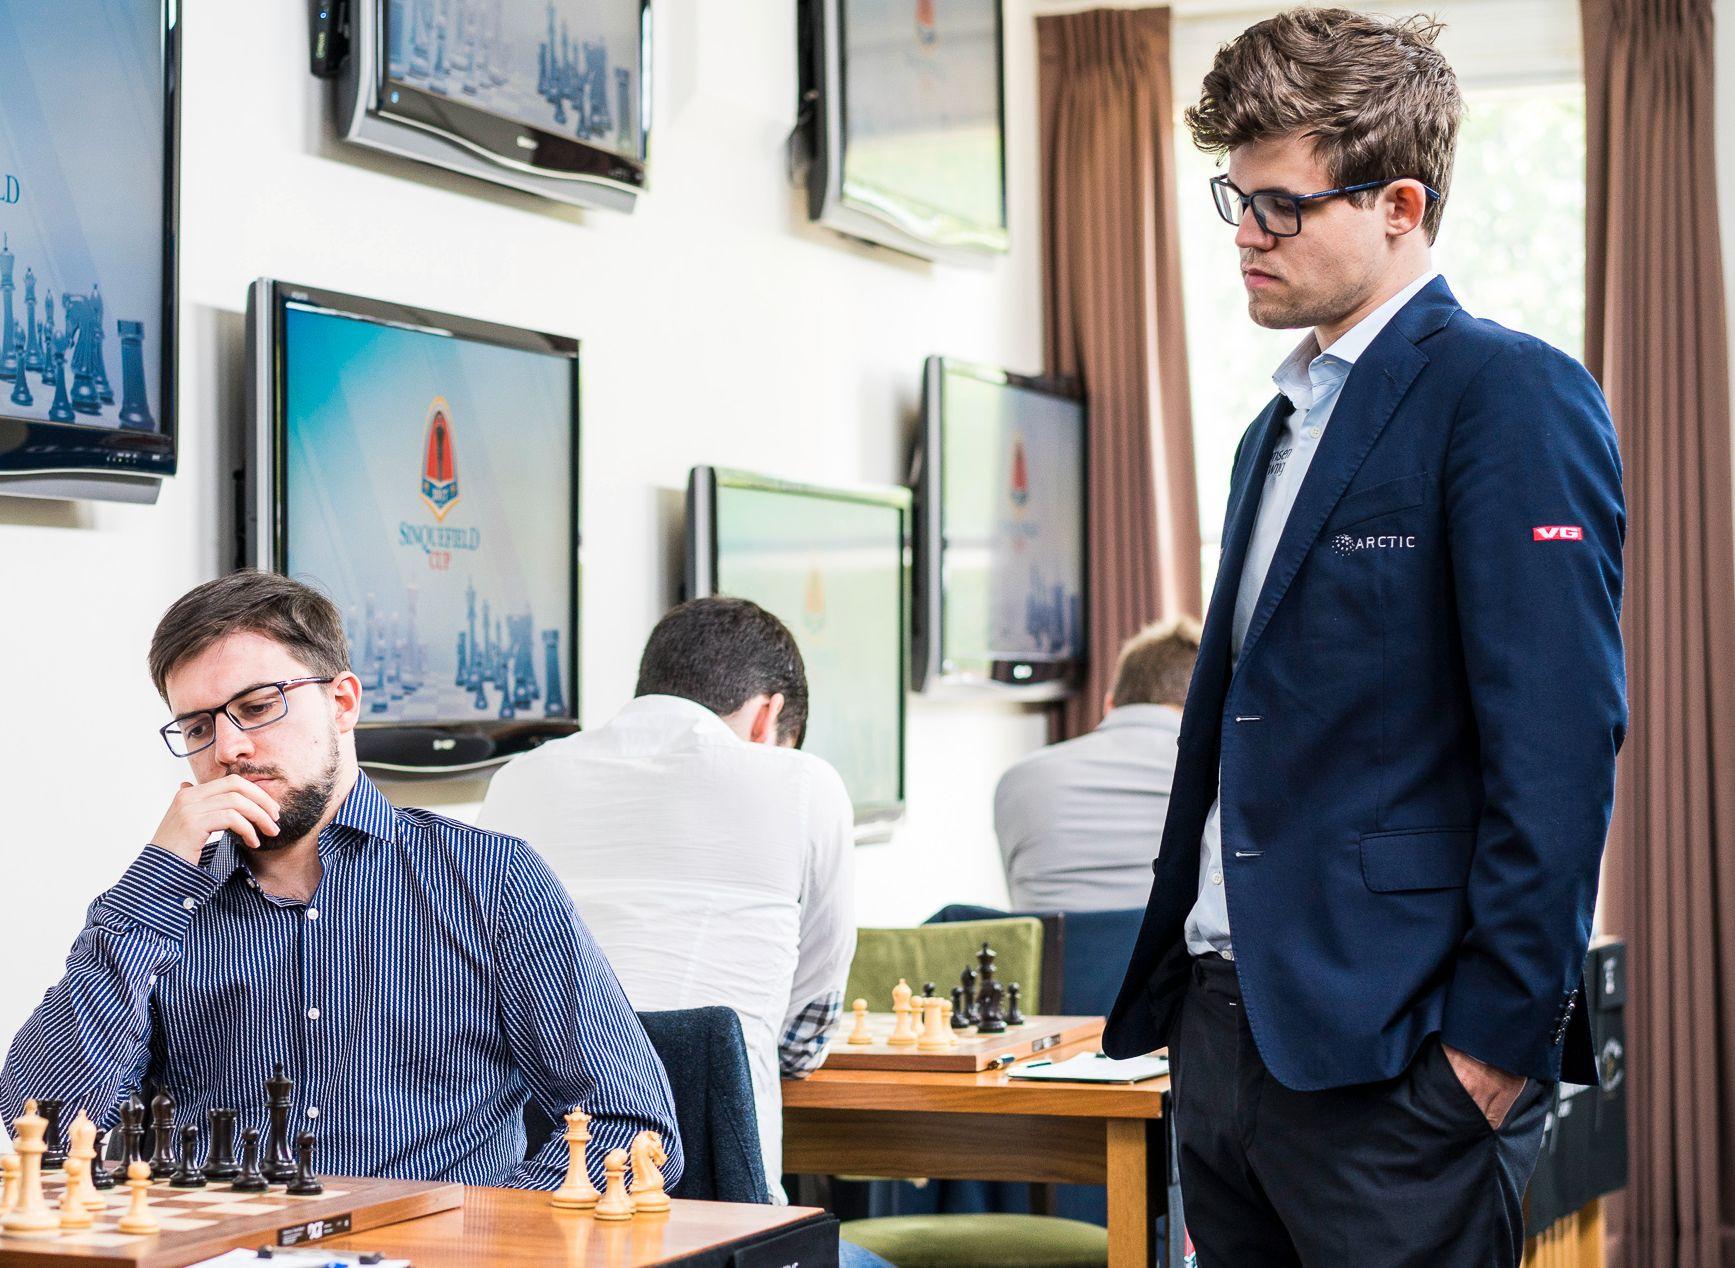 KIKKER: Magnus Carlsen titter på Maxime Vachier-Lagrave, som gikk til topps i Sinquefield Cup.